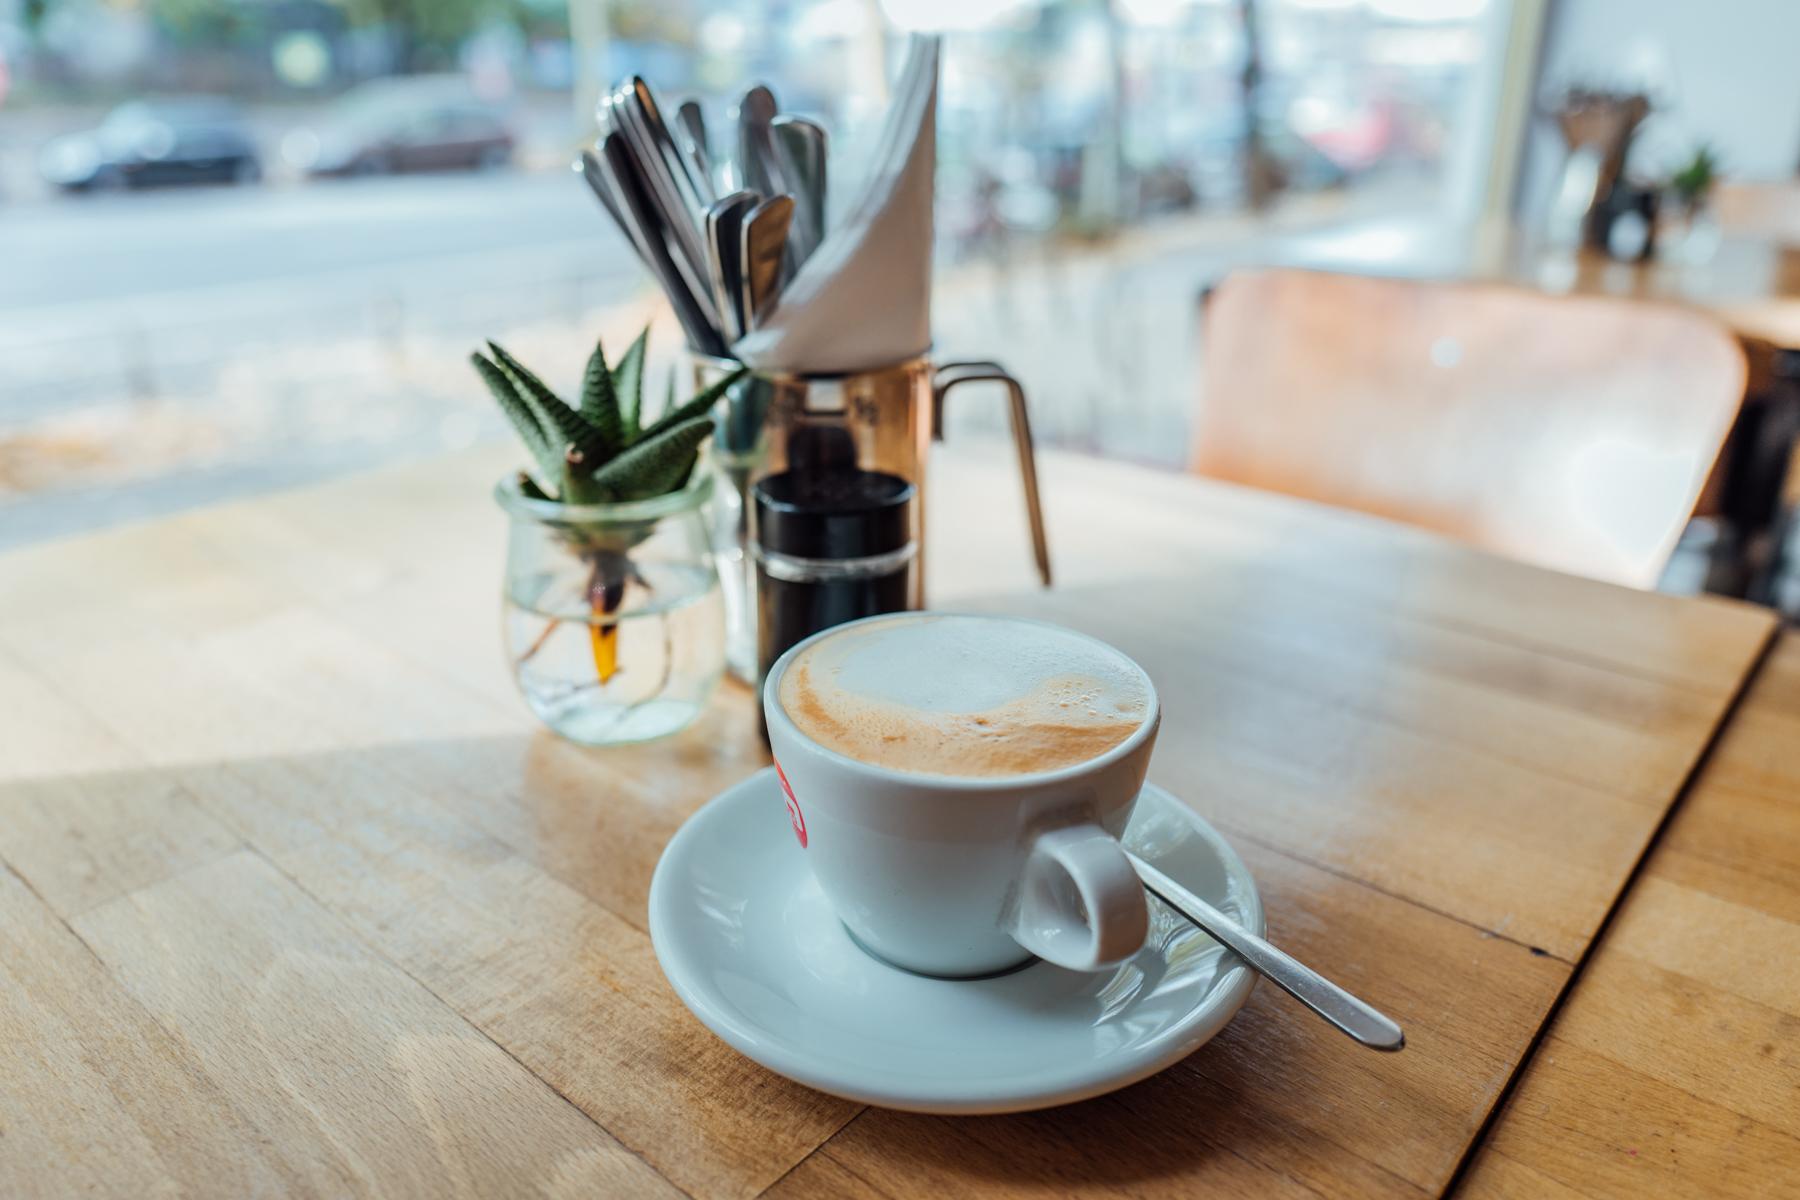 Hier schlürfen wir Hafer Cappu und andere Kaffeespezialitäten.